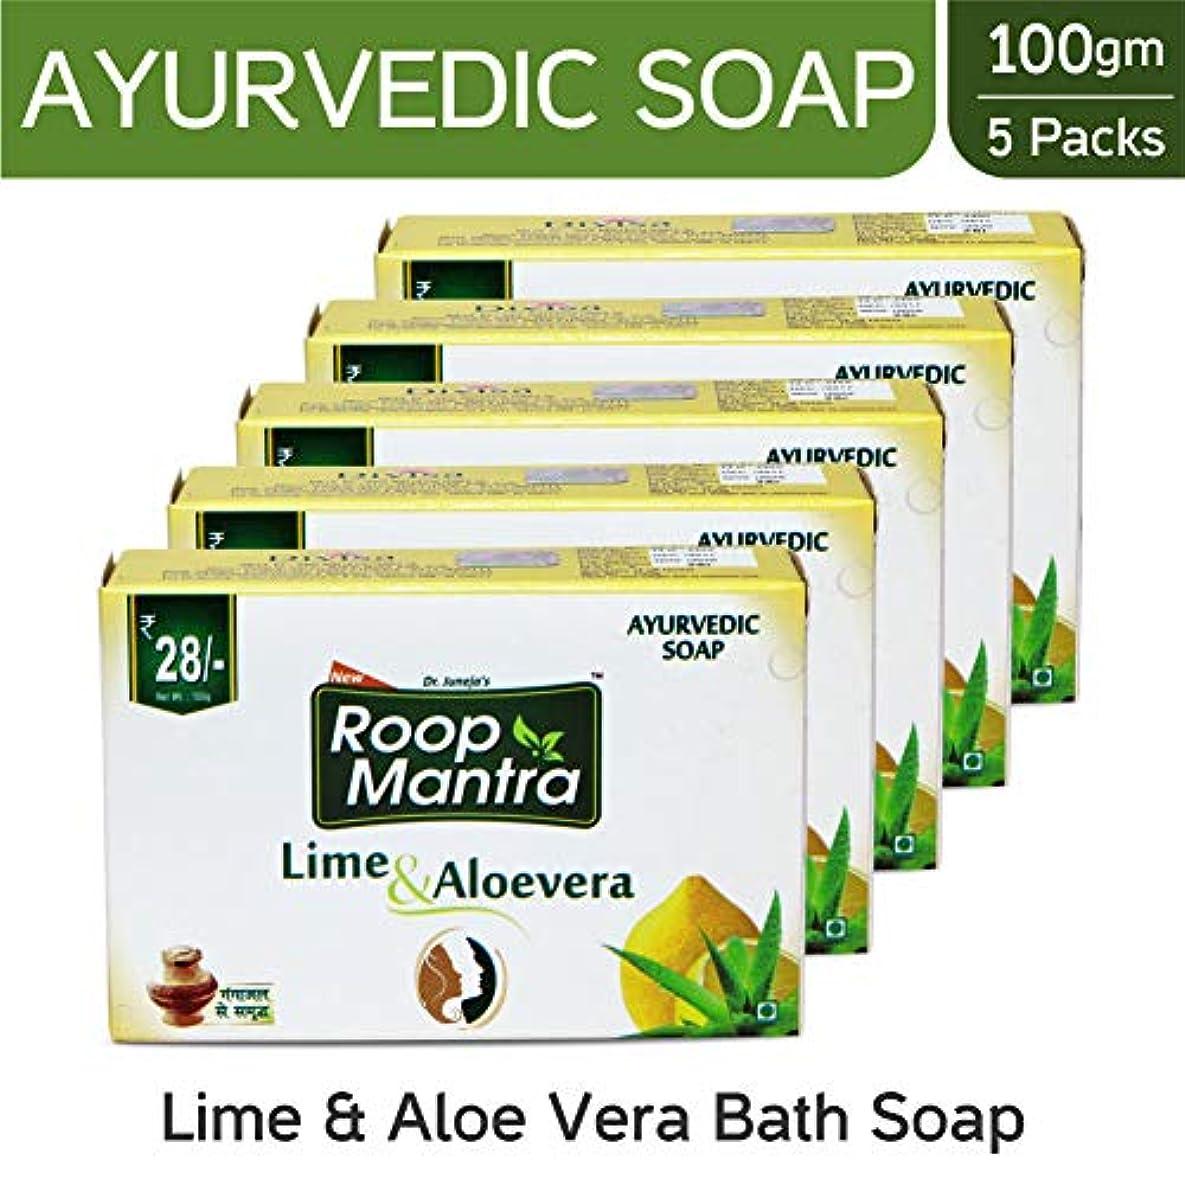 せがむ腫瘍ただやるRoop Mantra Ayurvedic Bath Soap, Lime and Aloevera, 100g (Pack of 5)